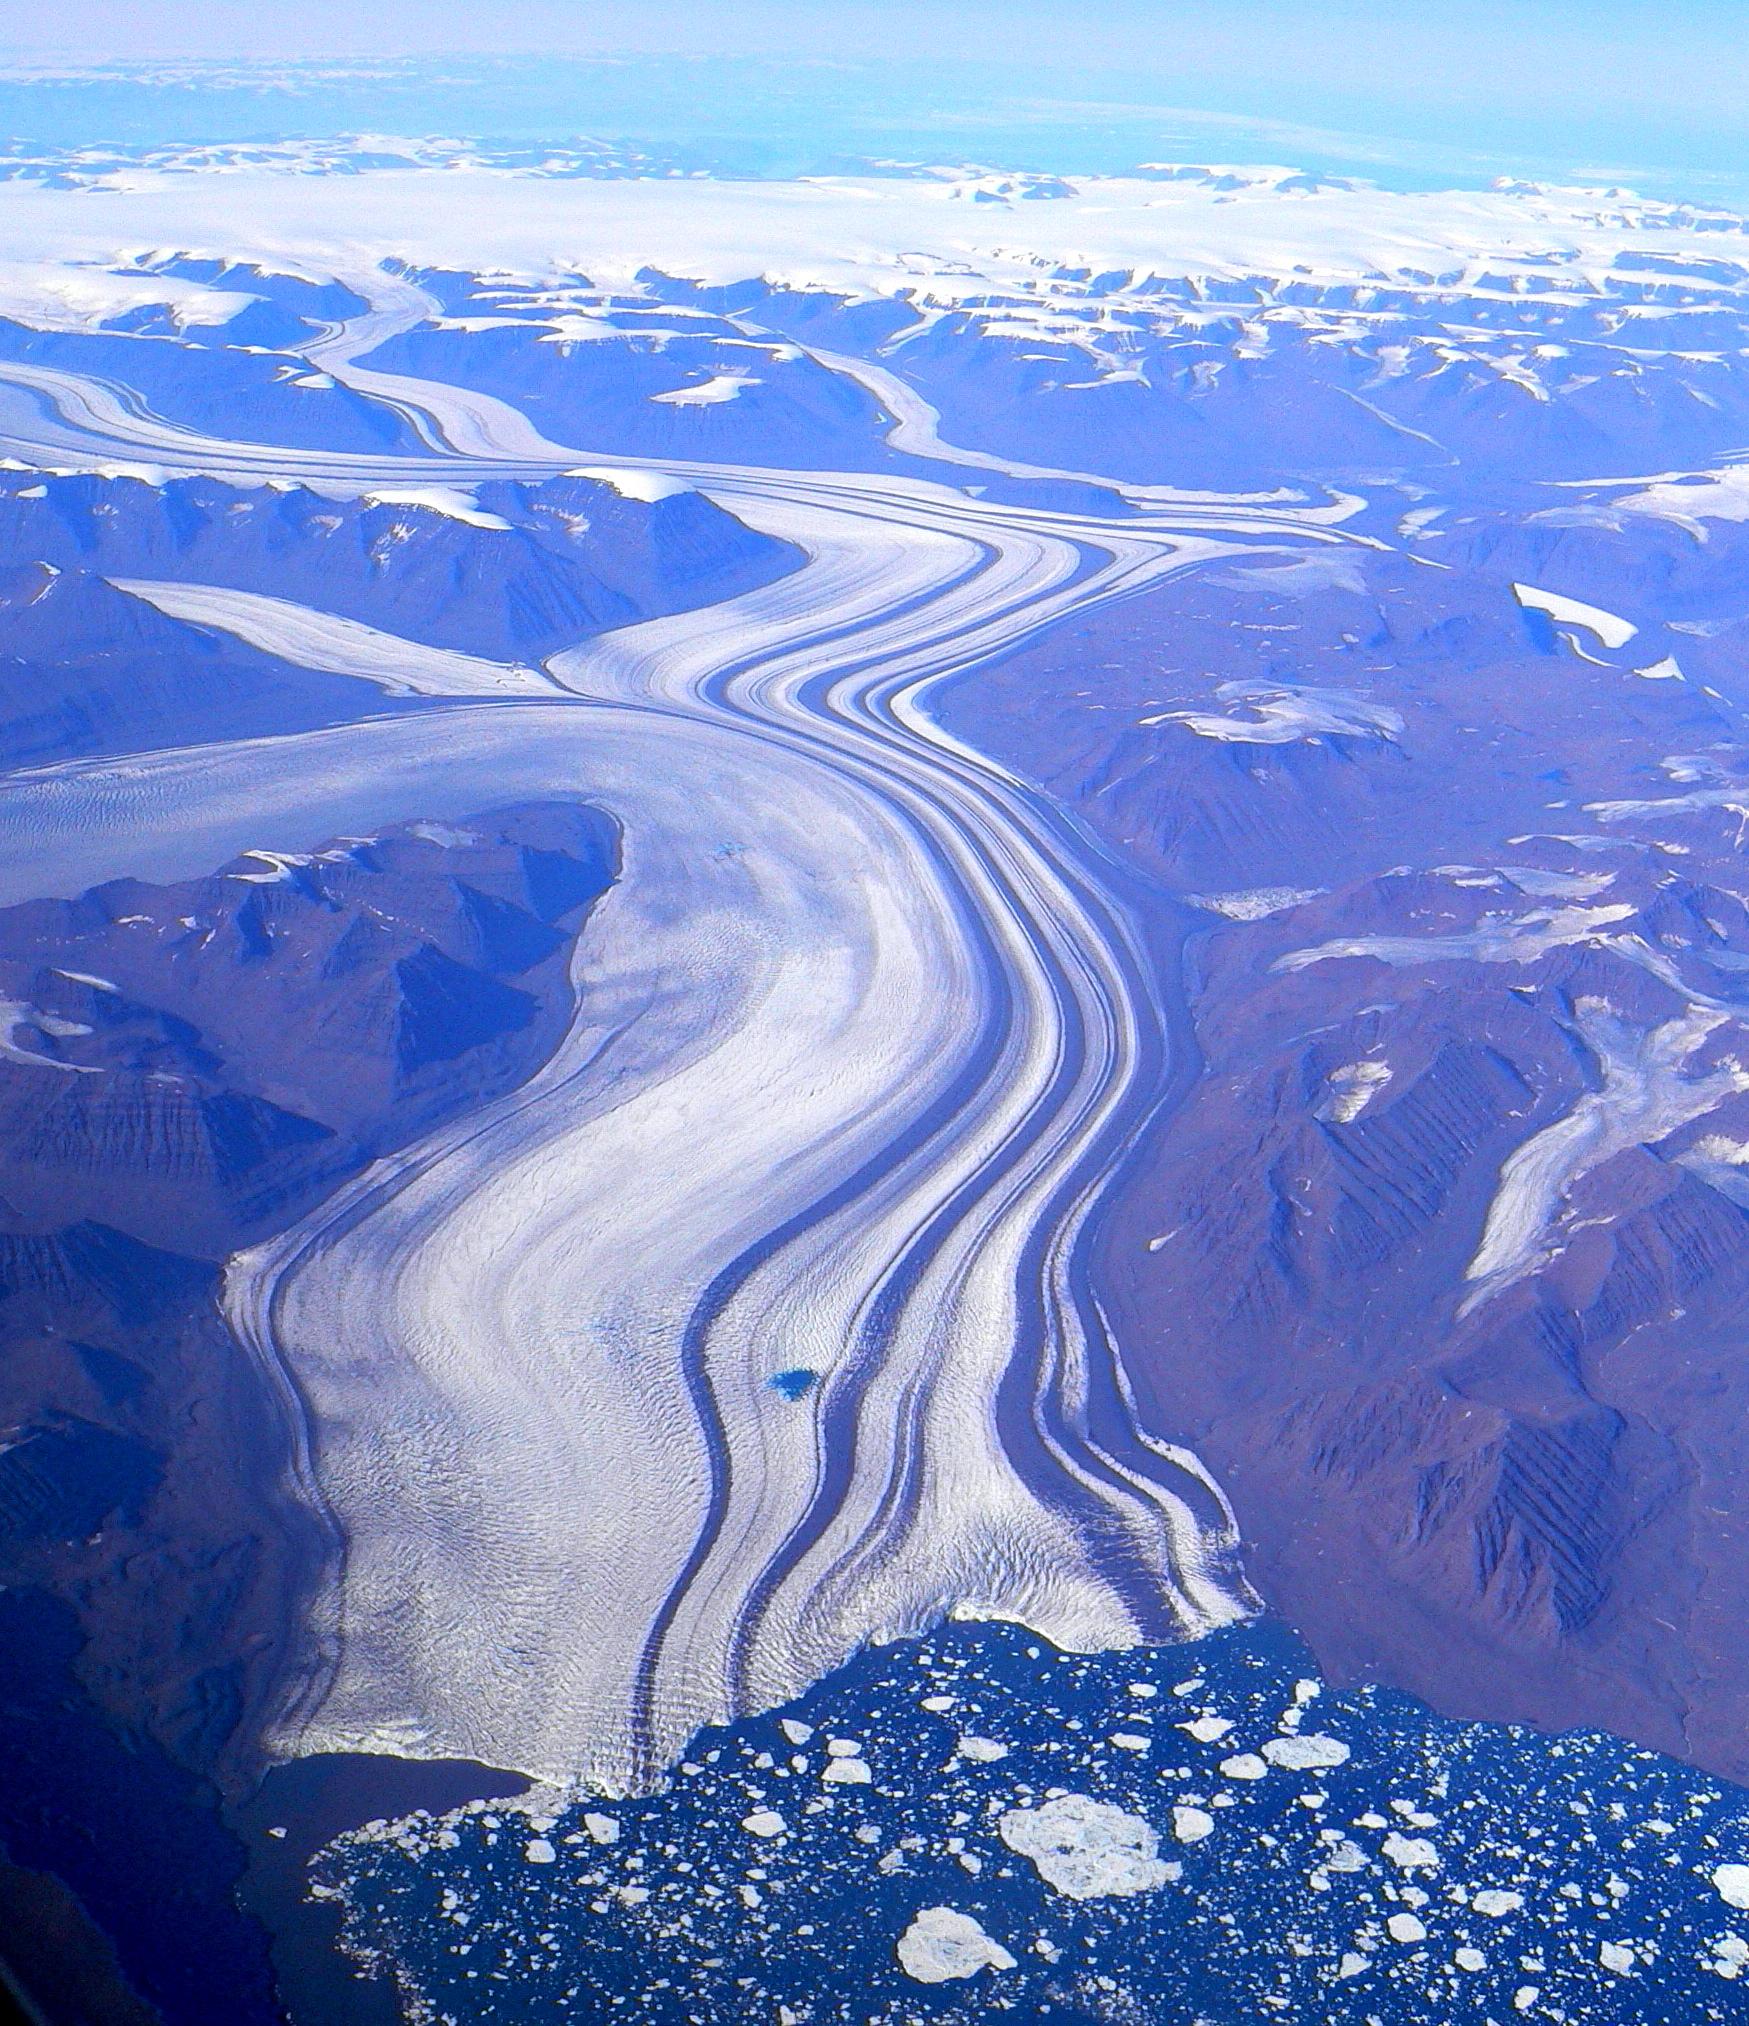 Grönlands Gletscher reichen zu tief in warme Strömungen